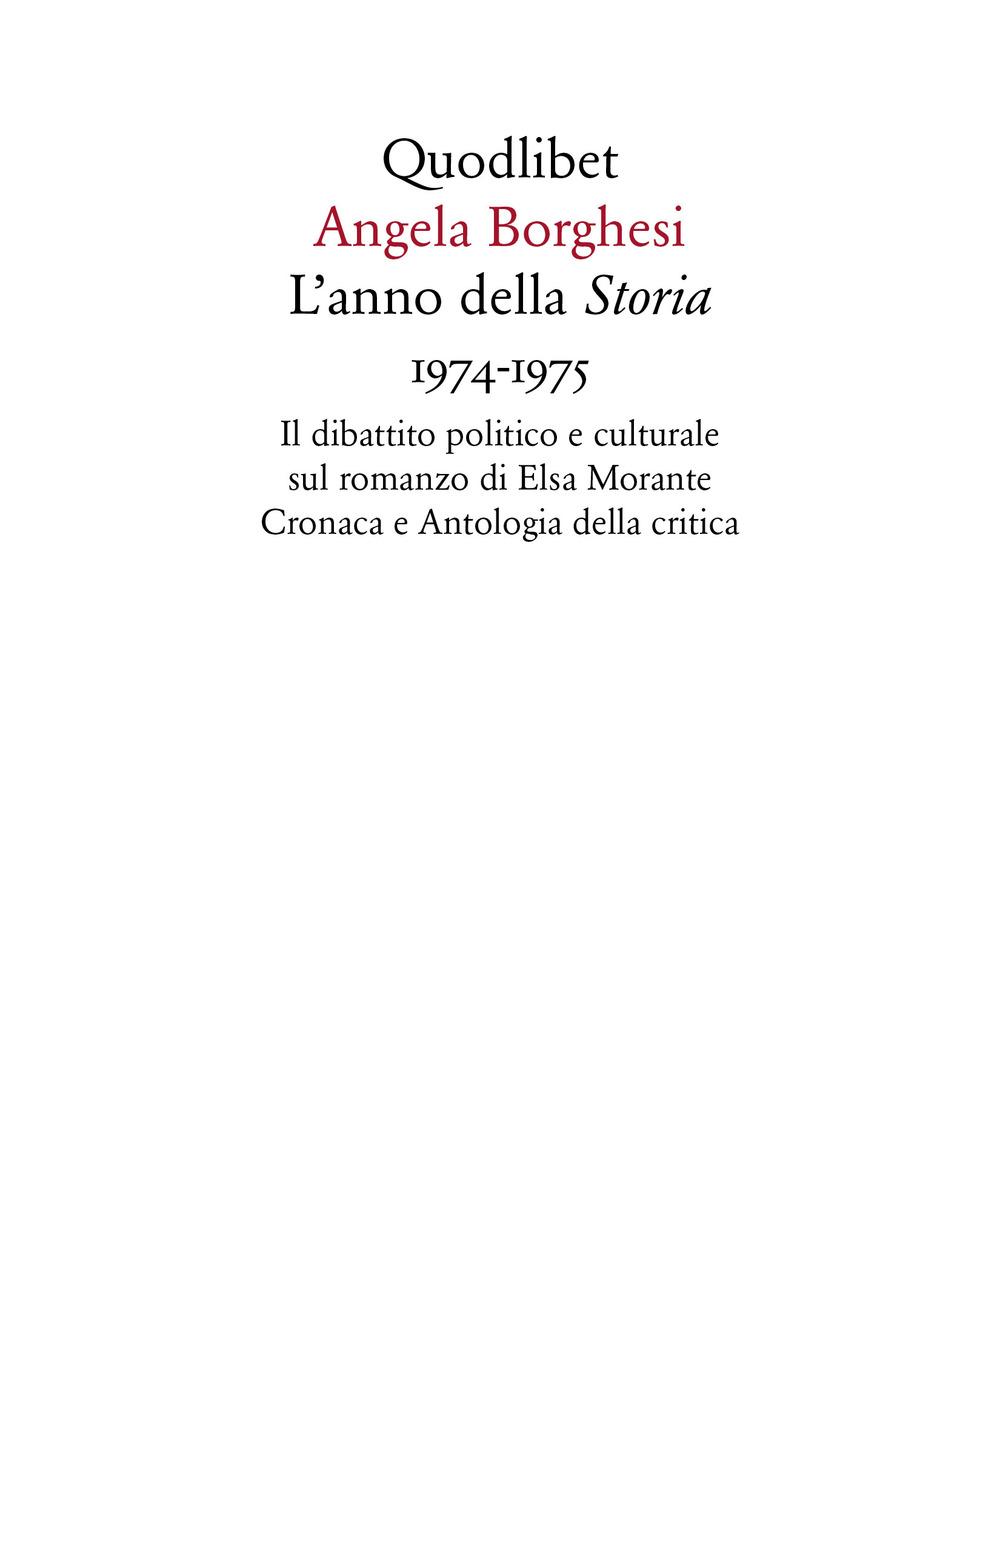 ANNO DELLA «STORIA» 1974-1975. IL DIBATTITO POLITICO E CULTURALE SUL ROMANZO DI ELSA MORANTE. CRONACA E ANTOLOGIA DELLA CRITICA (L') - 9788822902405